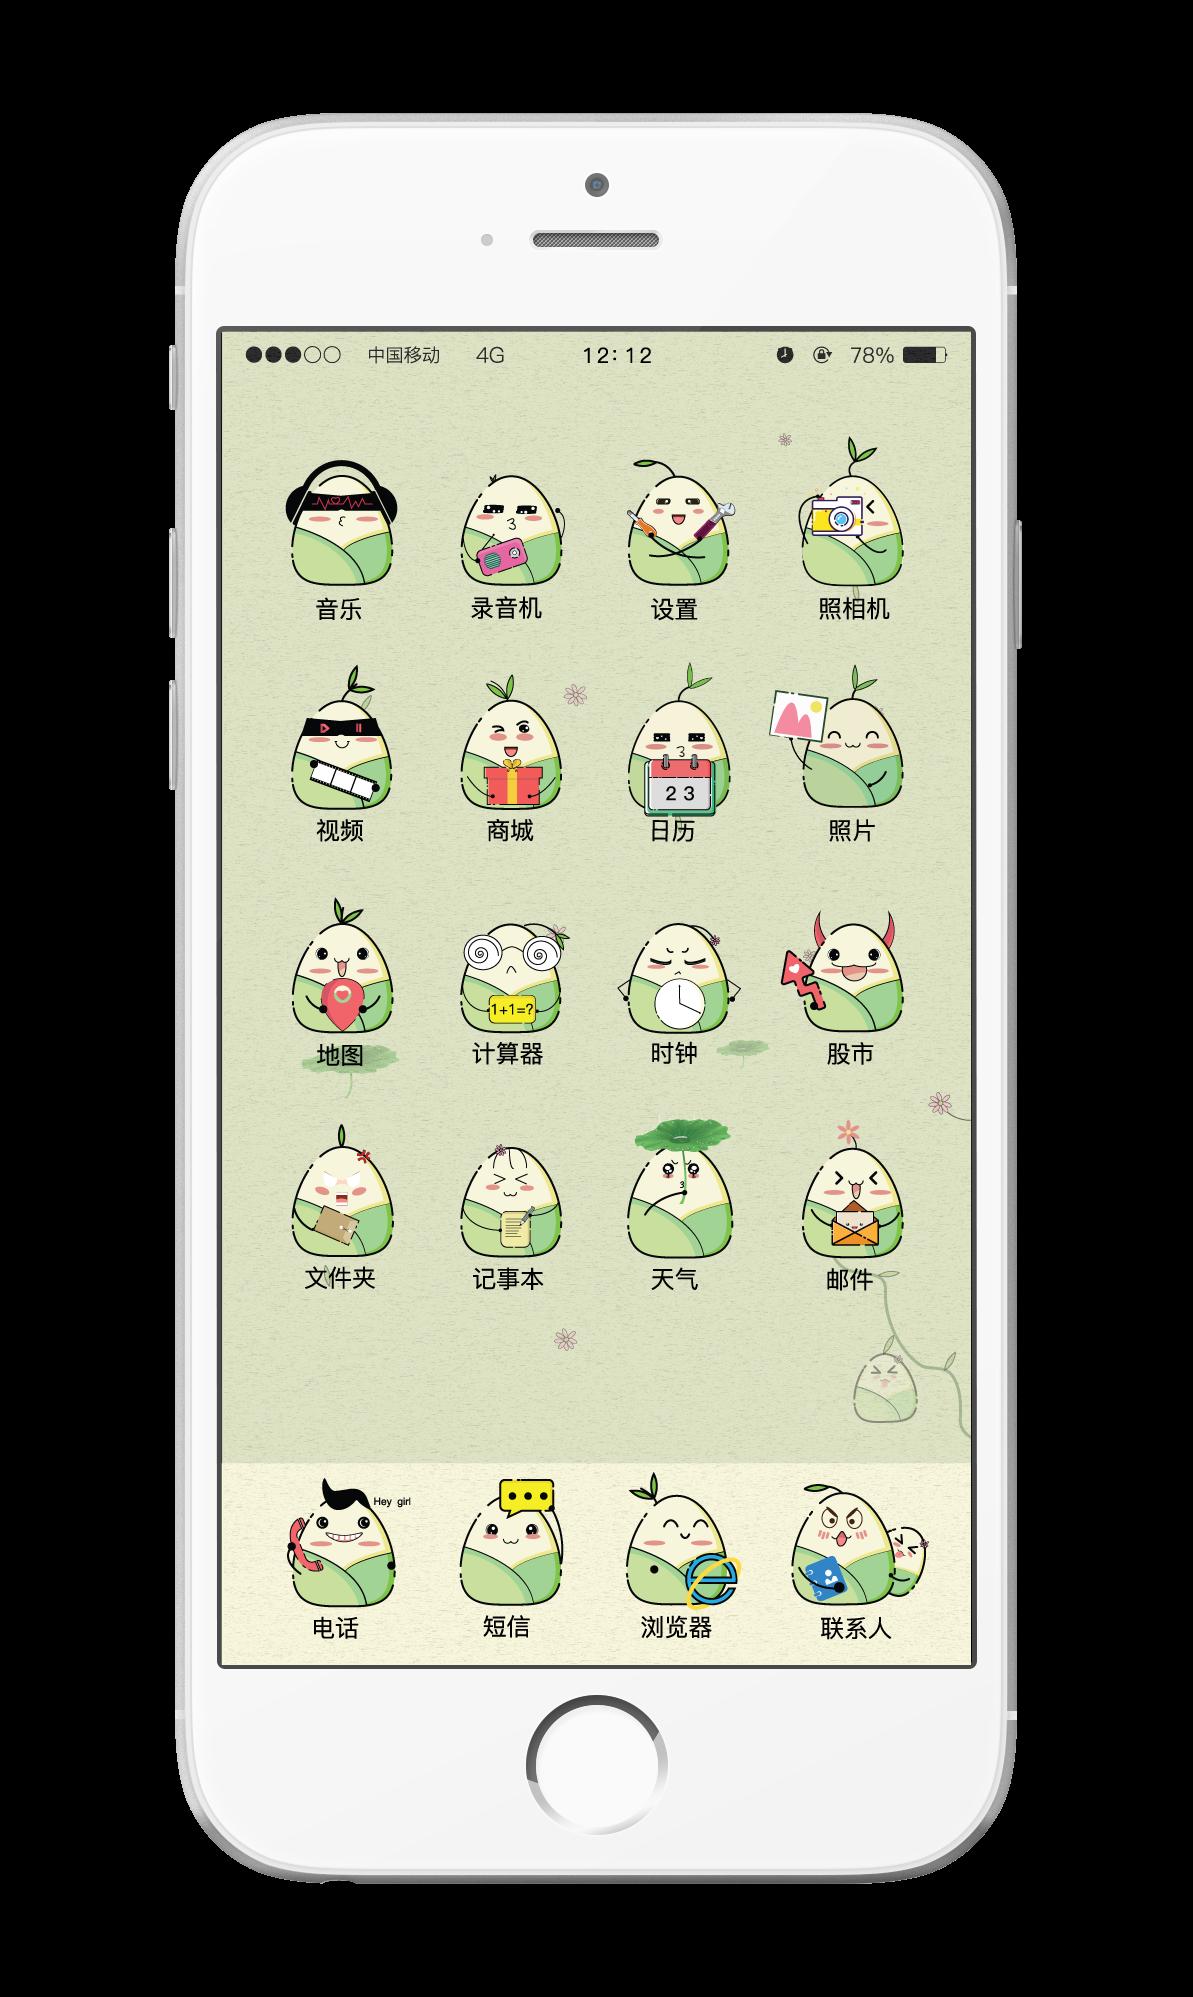 以端午粽子为主题的手机主题图标界面